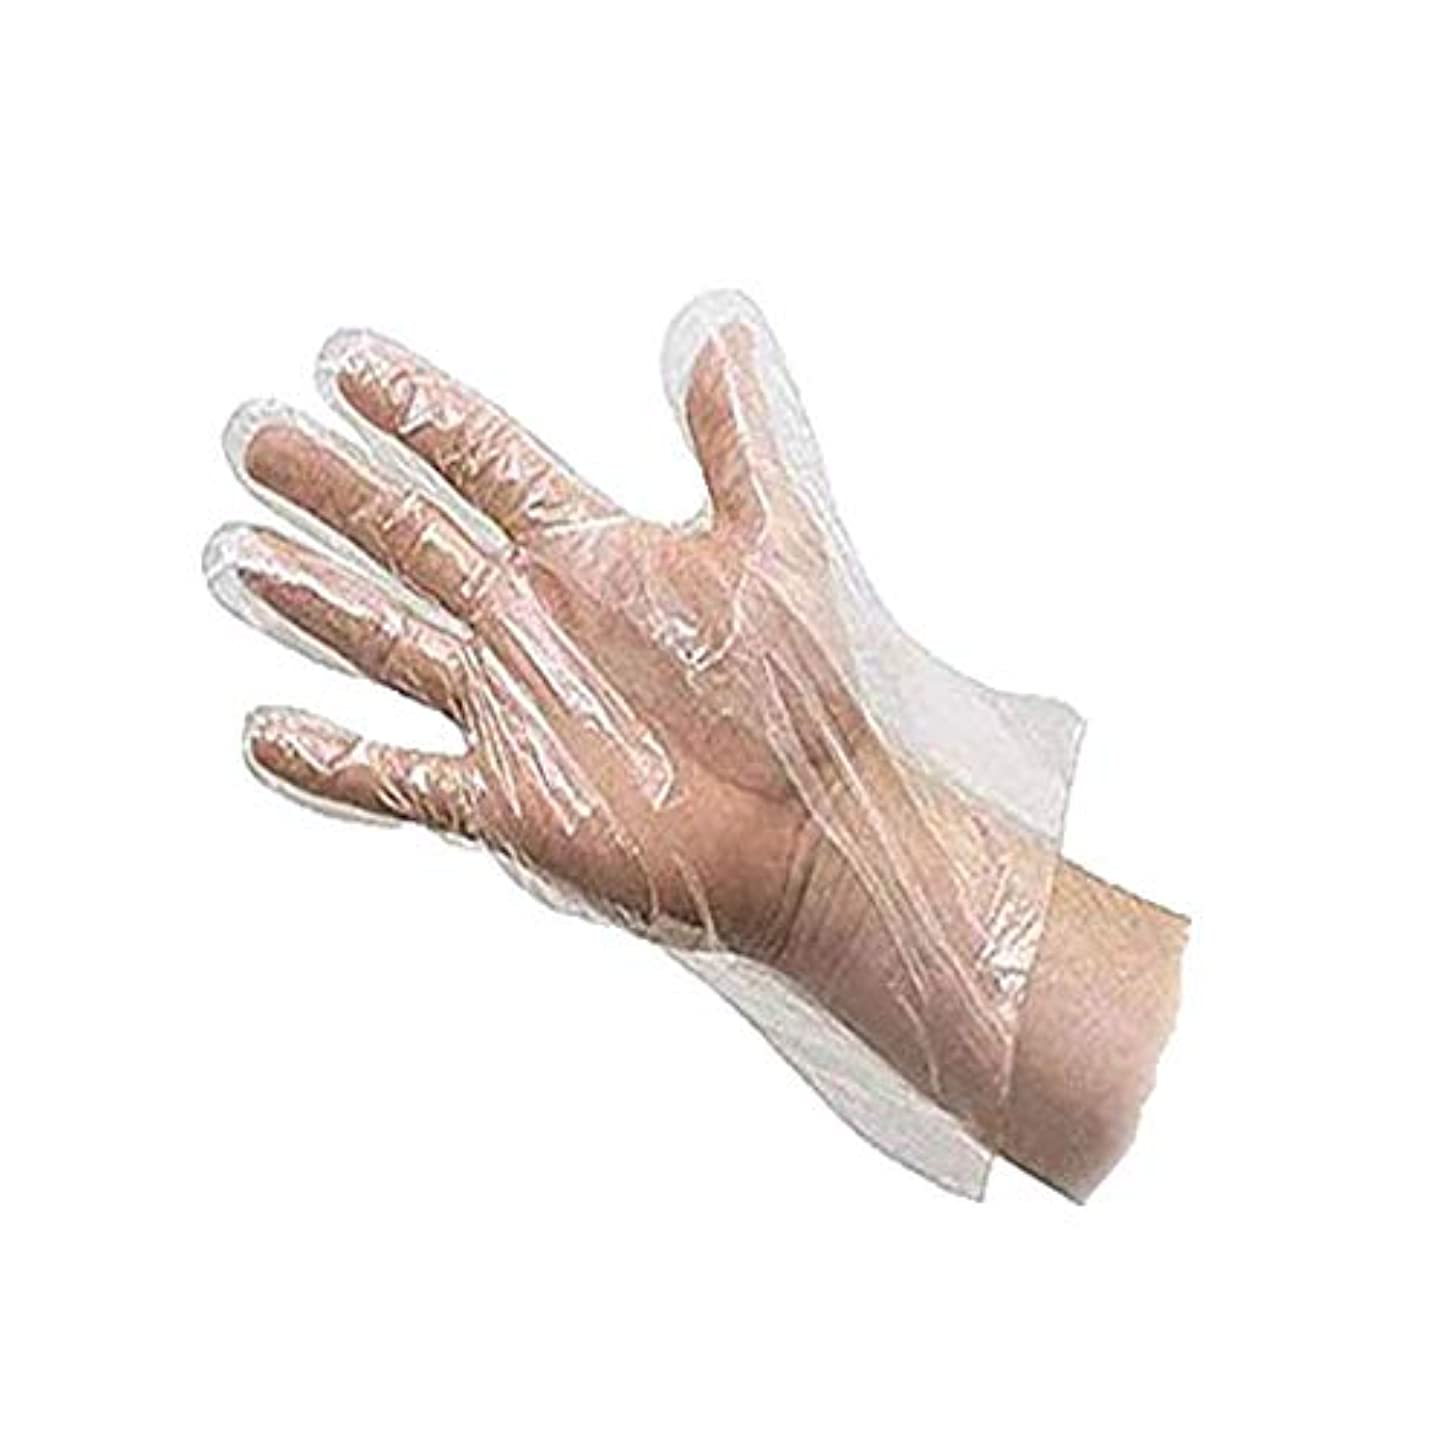 代表するメカニック押すUCCU プレミアム 使い捨て手袋 調理用 食品 プラスチック ホワイト 粉なし 食品衛生 透明 左右兼用 薄型 ビニール極薄手袋 100枚入り 便利